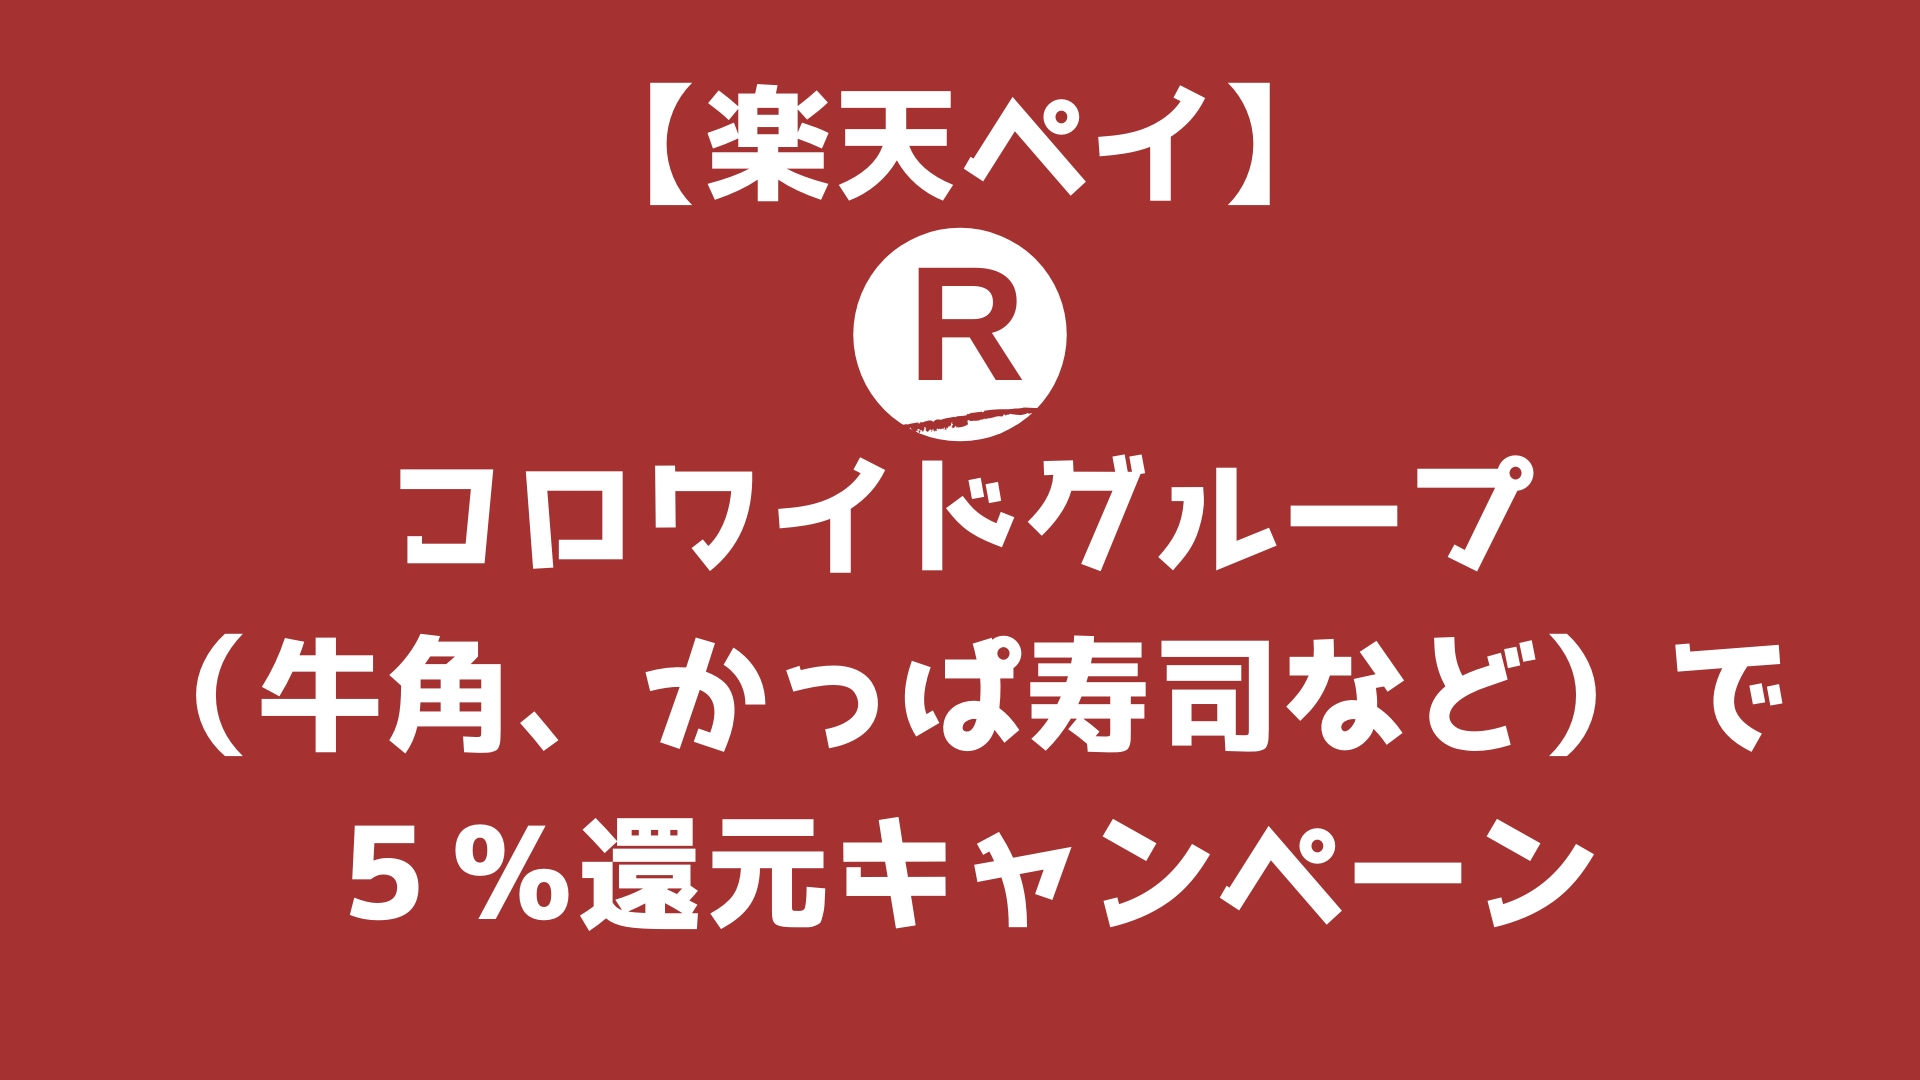 【楽天ペイ】コロワイドグループ(牛角、かっぱ寿司など)で+5%還元キャンペーン